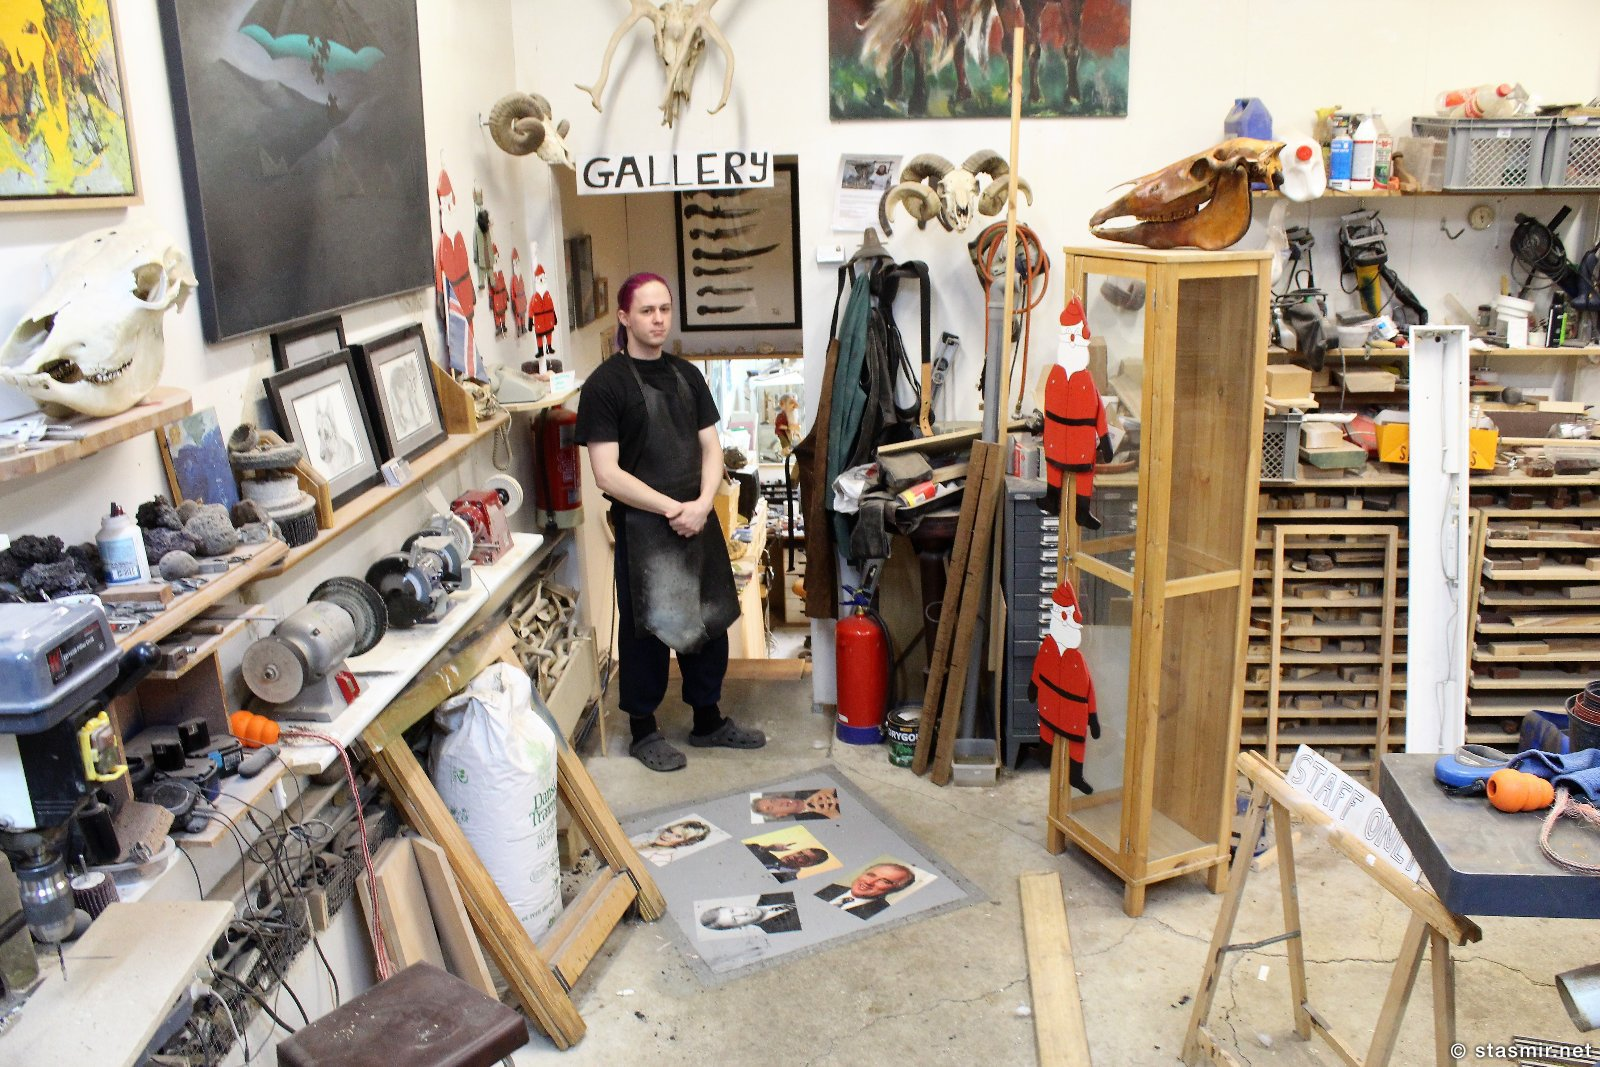 галерея ножей Паутля Кристйаунссона в Мосфельсбаере, фото Стасмир, photo Stasmir